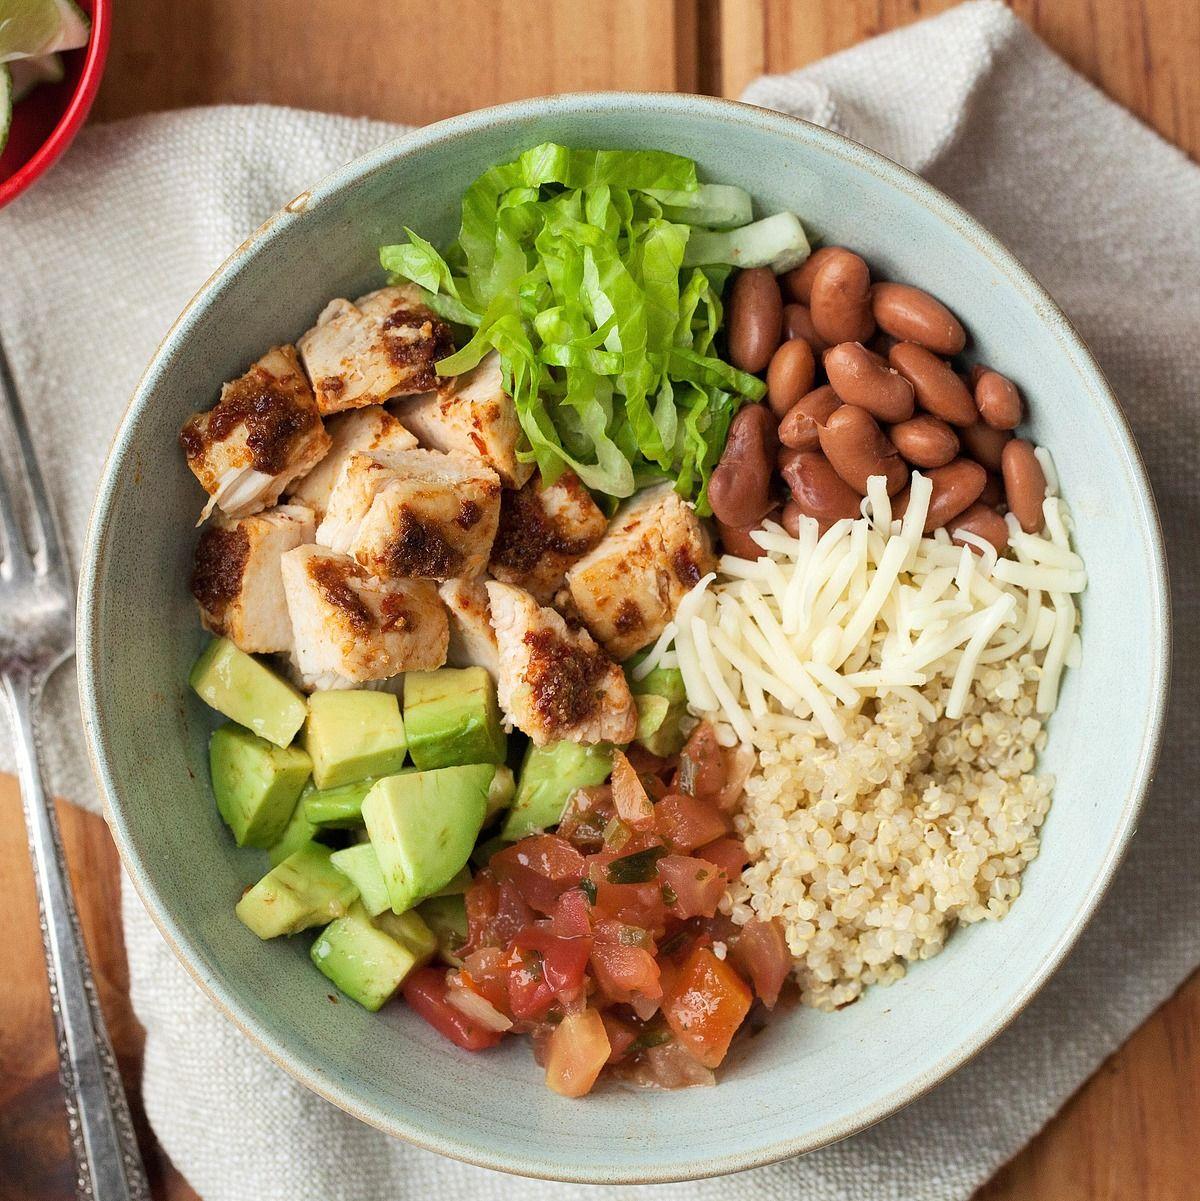 Chipotle chicken quinoa burrito bowl recipe high fiber